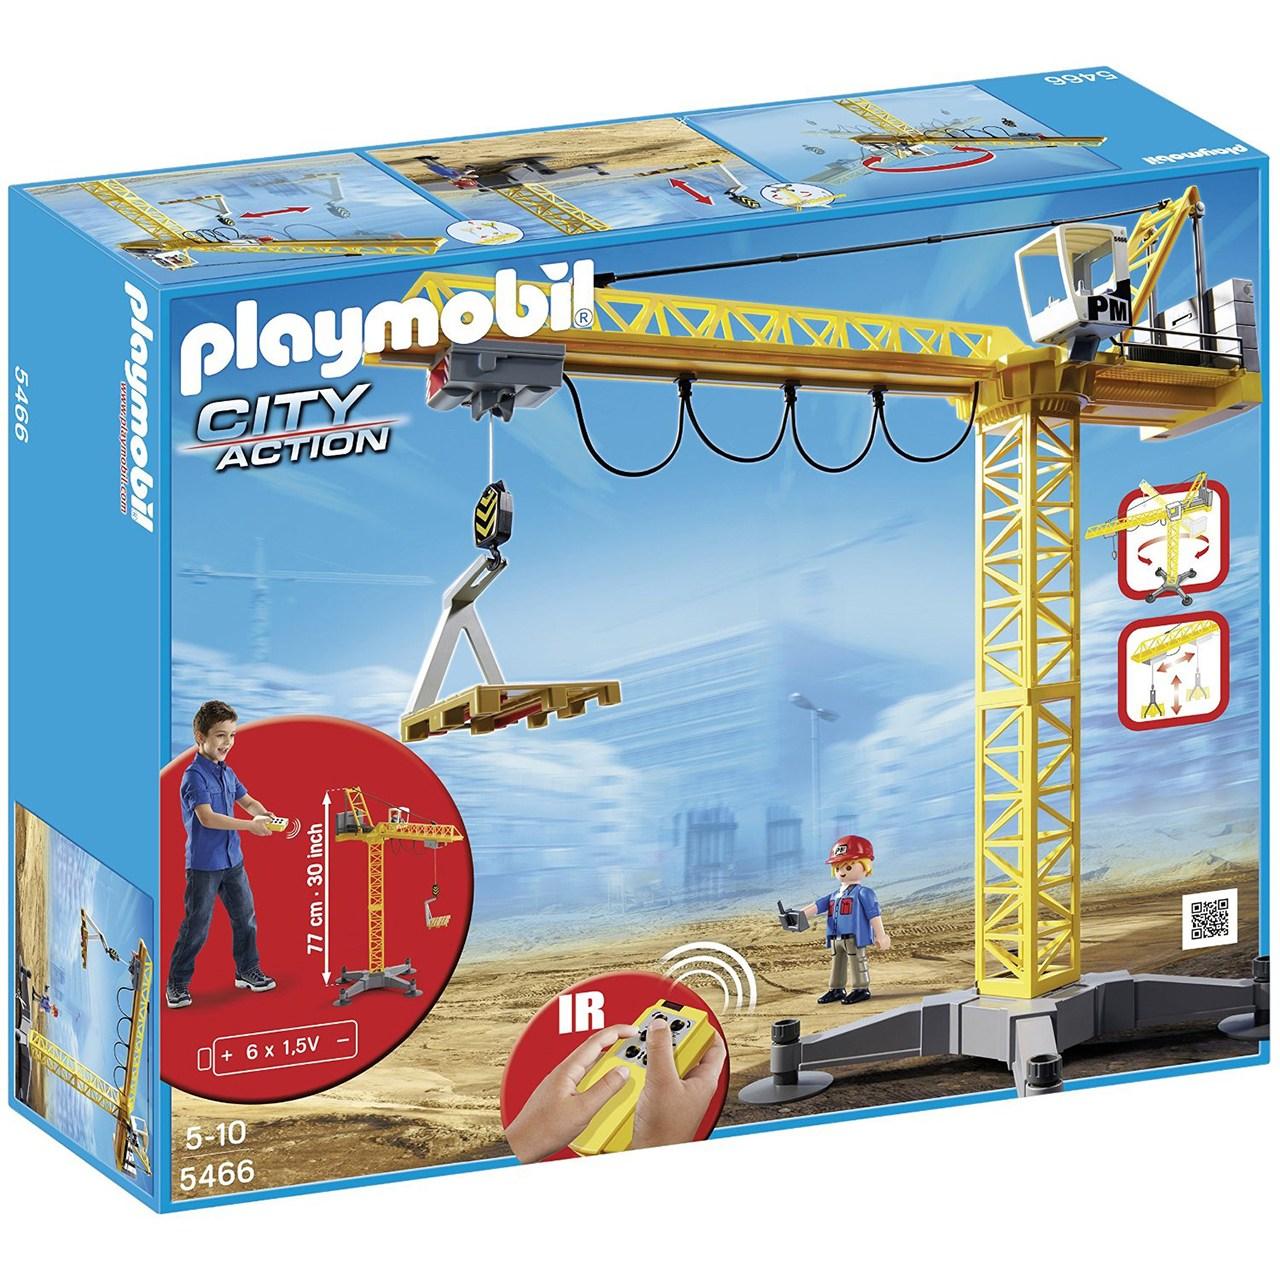 ساختنی پلی موبیل مدل Large Crane with IR Remote Control 5466